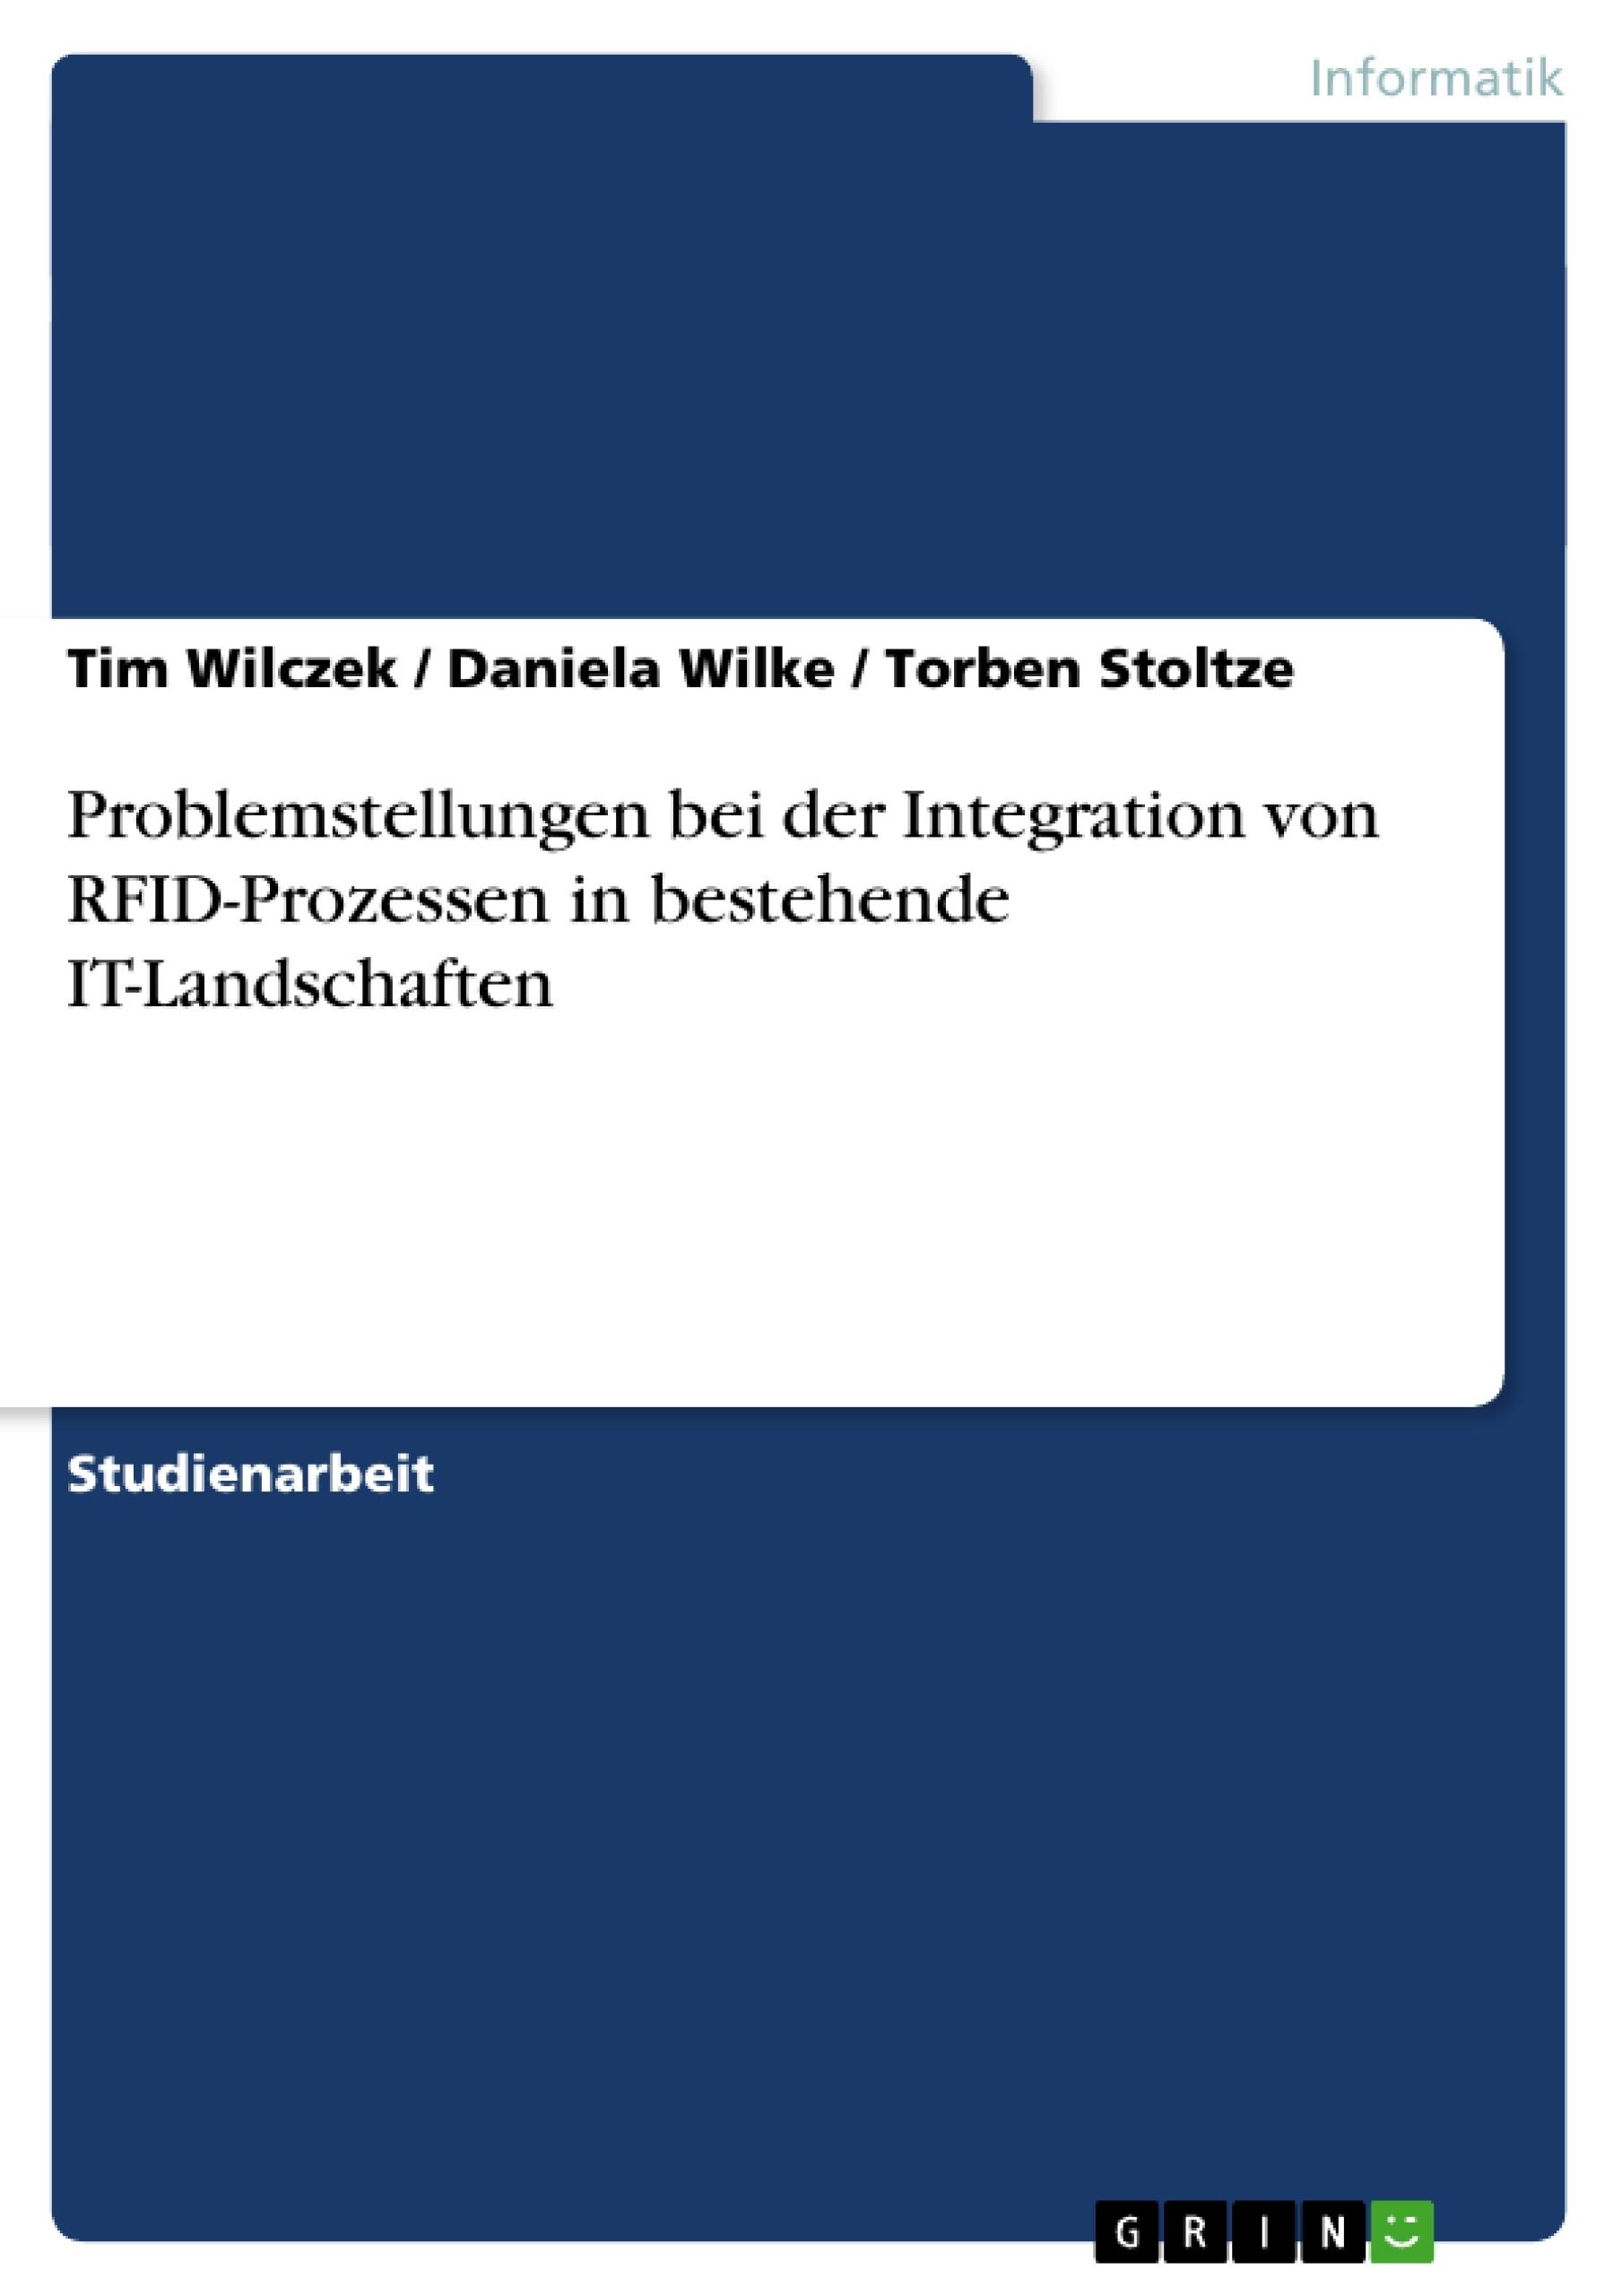 Titel: Problemstellungen bei der Integration von RFID-Prozessen in bestehende IT-Landschaften